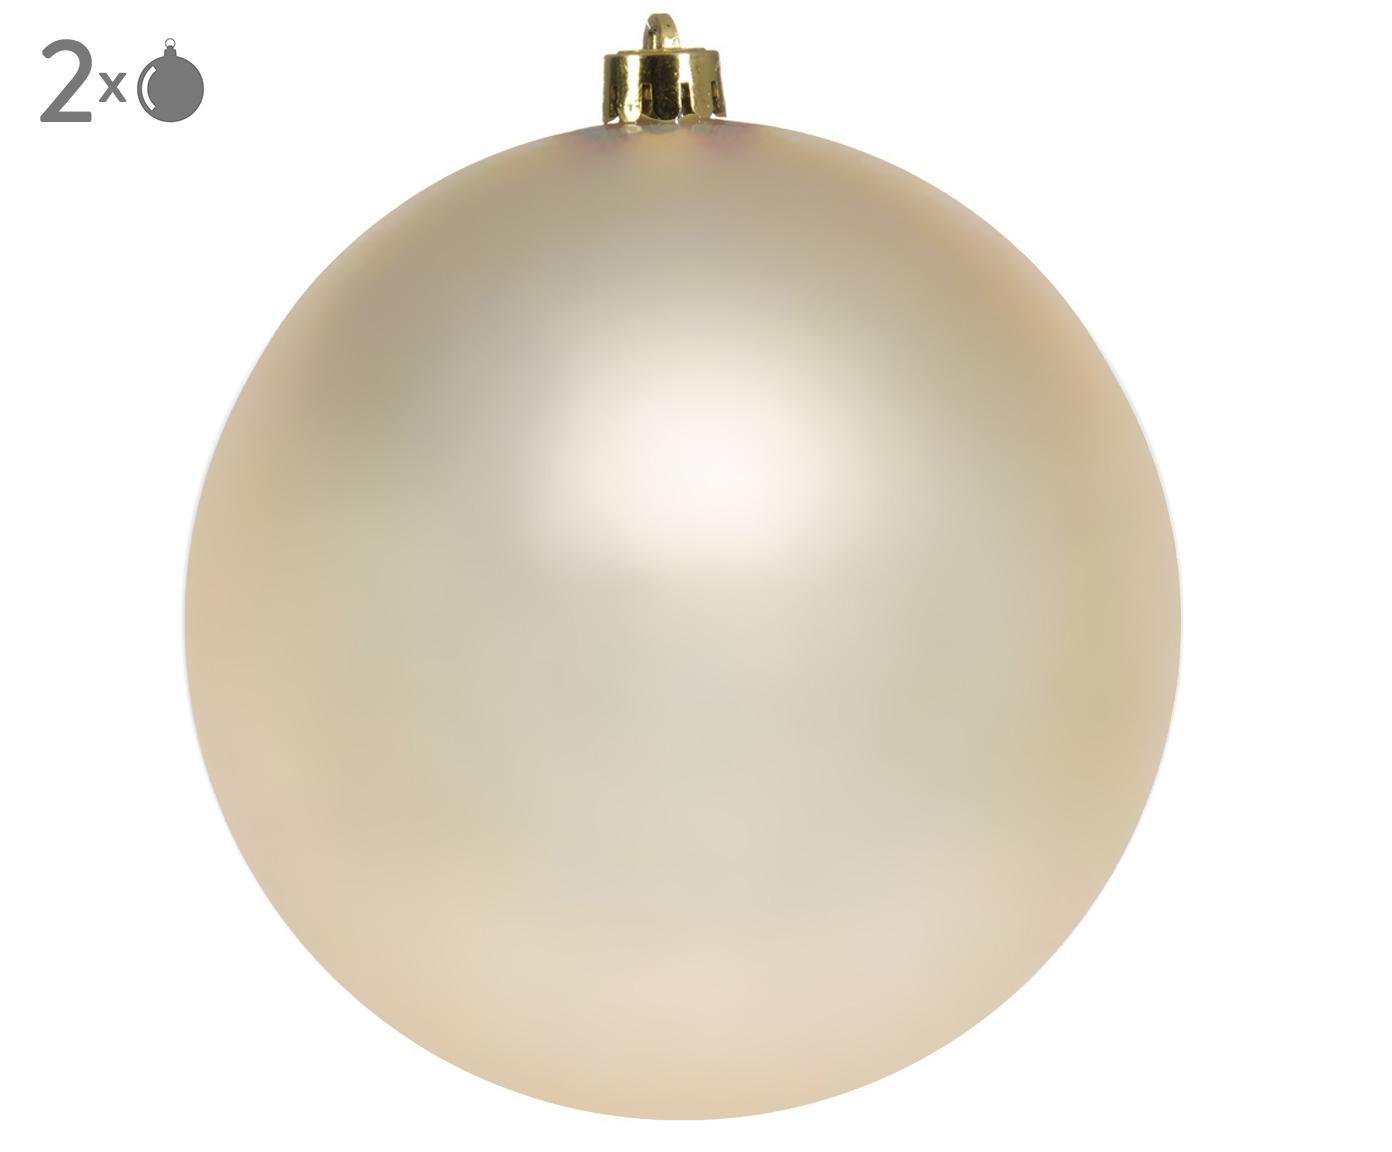 Weihnachtskugeln Minstix, 2 Stück, Kunststoff, Beige, Ø 14 cm